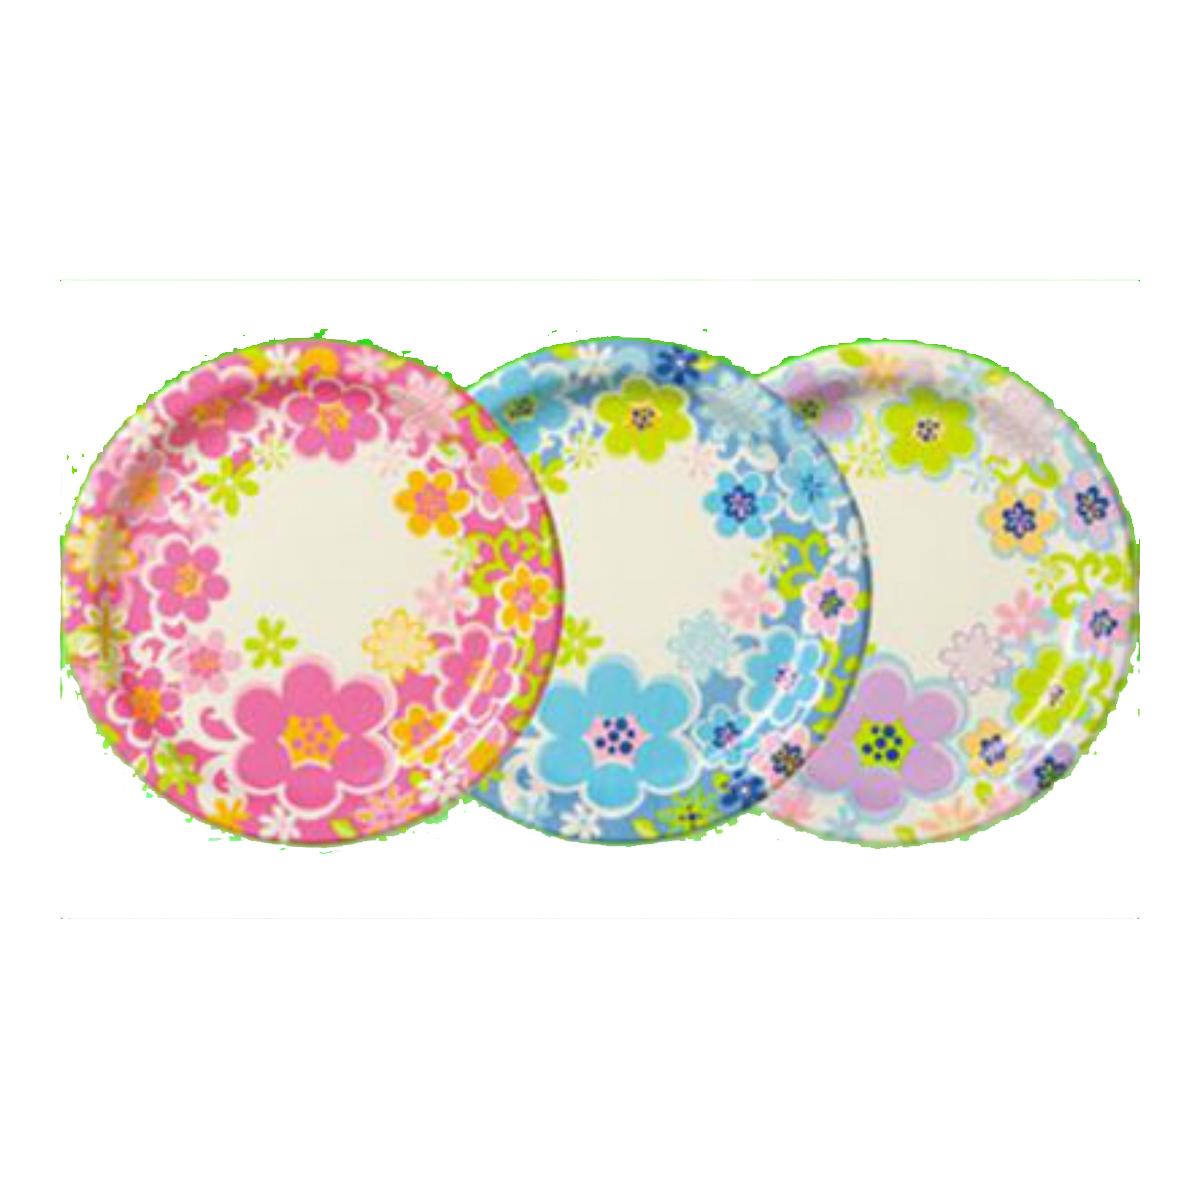 日本デキシー キュンキュンフルールスーパープレート 好評 日本限定 17cm 内容量: 使い捨て皿 8枚 4902172301090